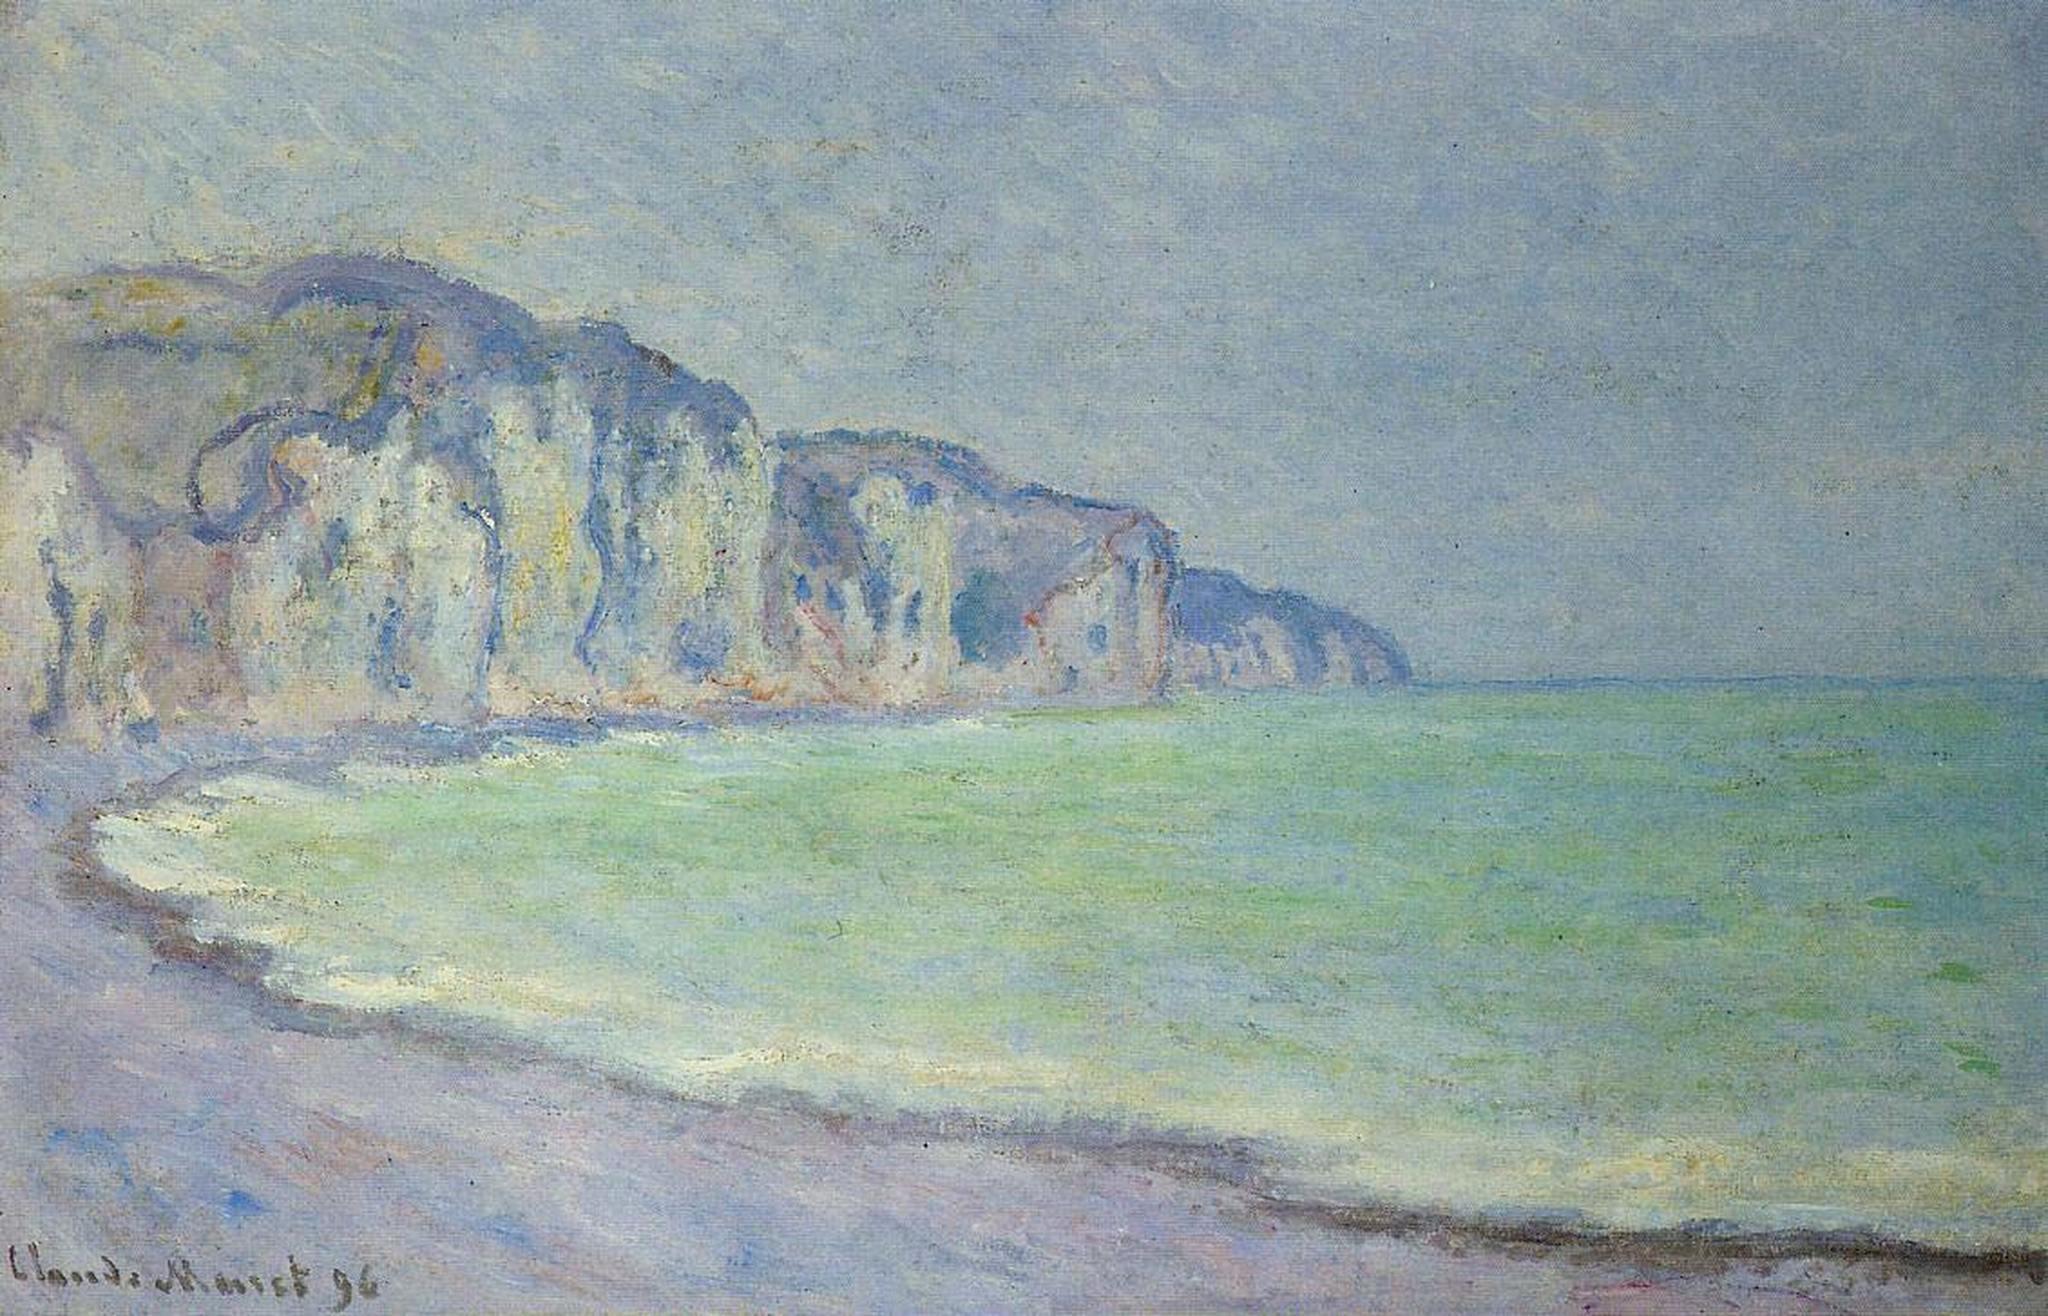 скалы и море < Скала в Пурвилле >:: Клод Моне, описание картины - Claude Monet фото